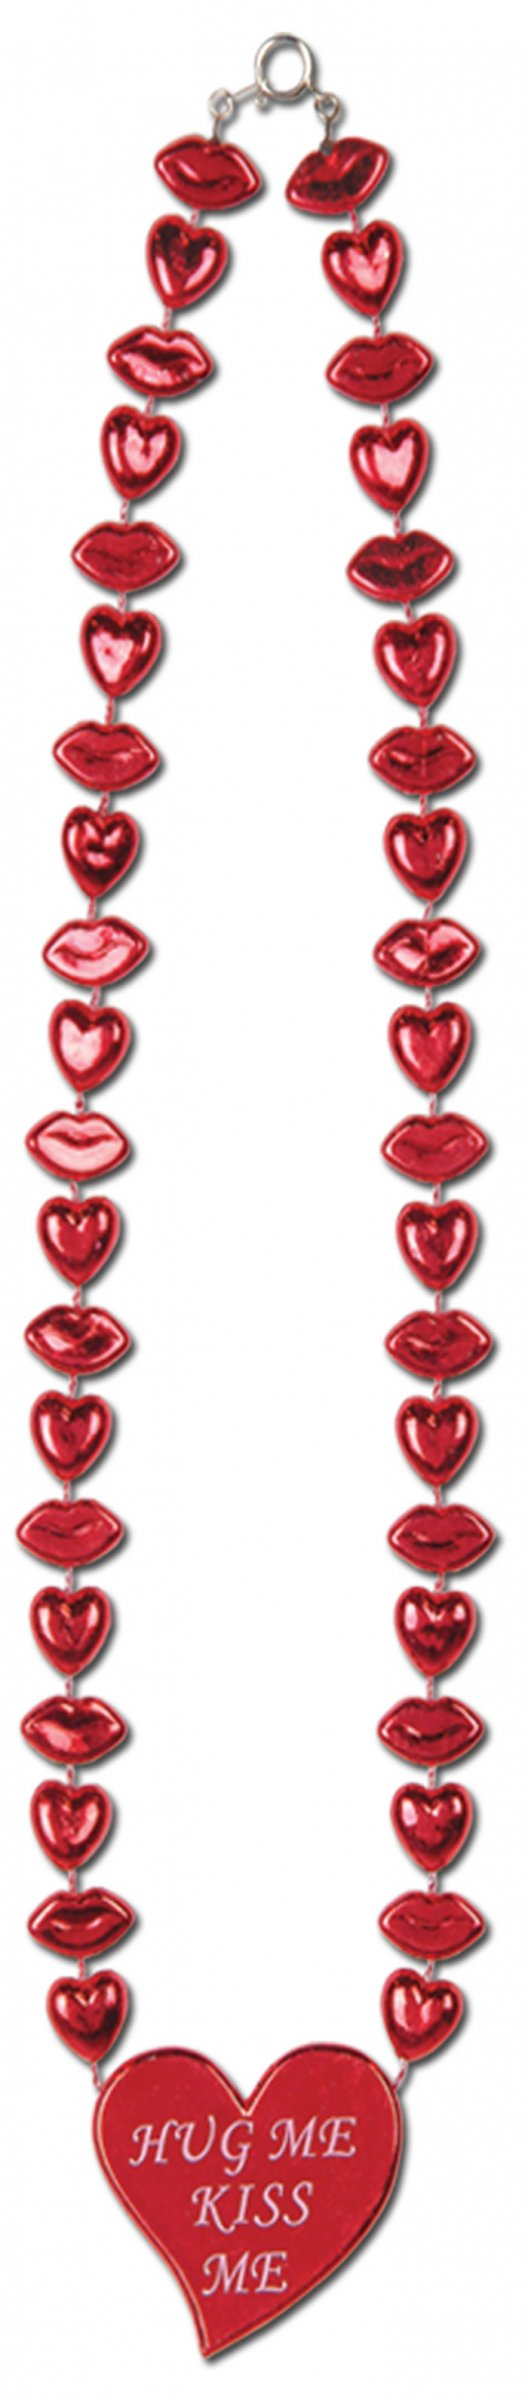 collier rouge bouches et coeurs saint valentin deguise toi achat de accessoires. Black Bedroom Furniture Sets. Home Design Ideas